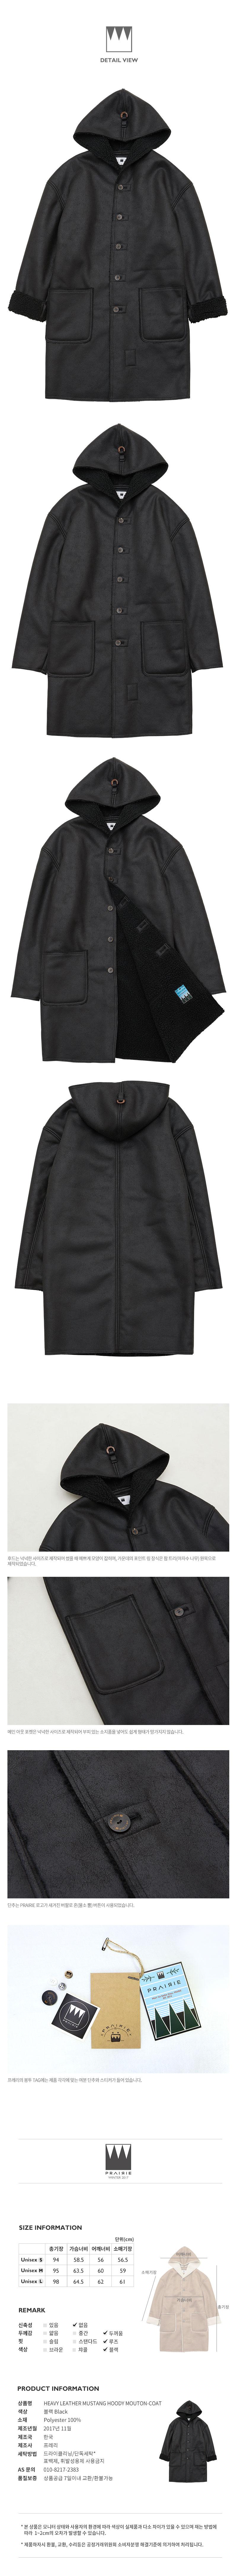 프레리(PRAIRIE) [UNISEX] 헤비 레더 무스탕 후디 무톤-코트 (Black)